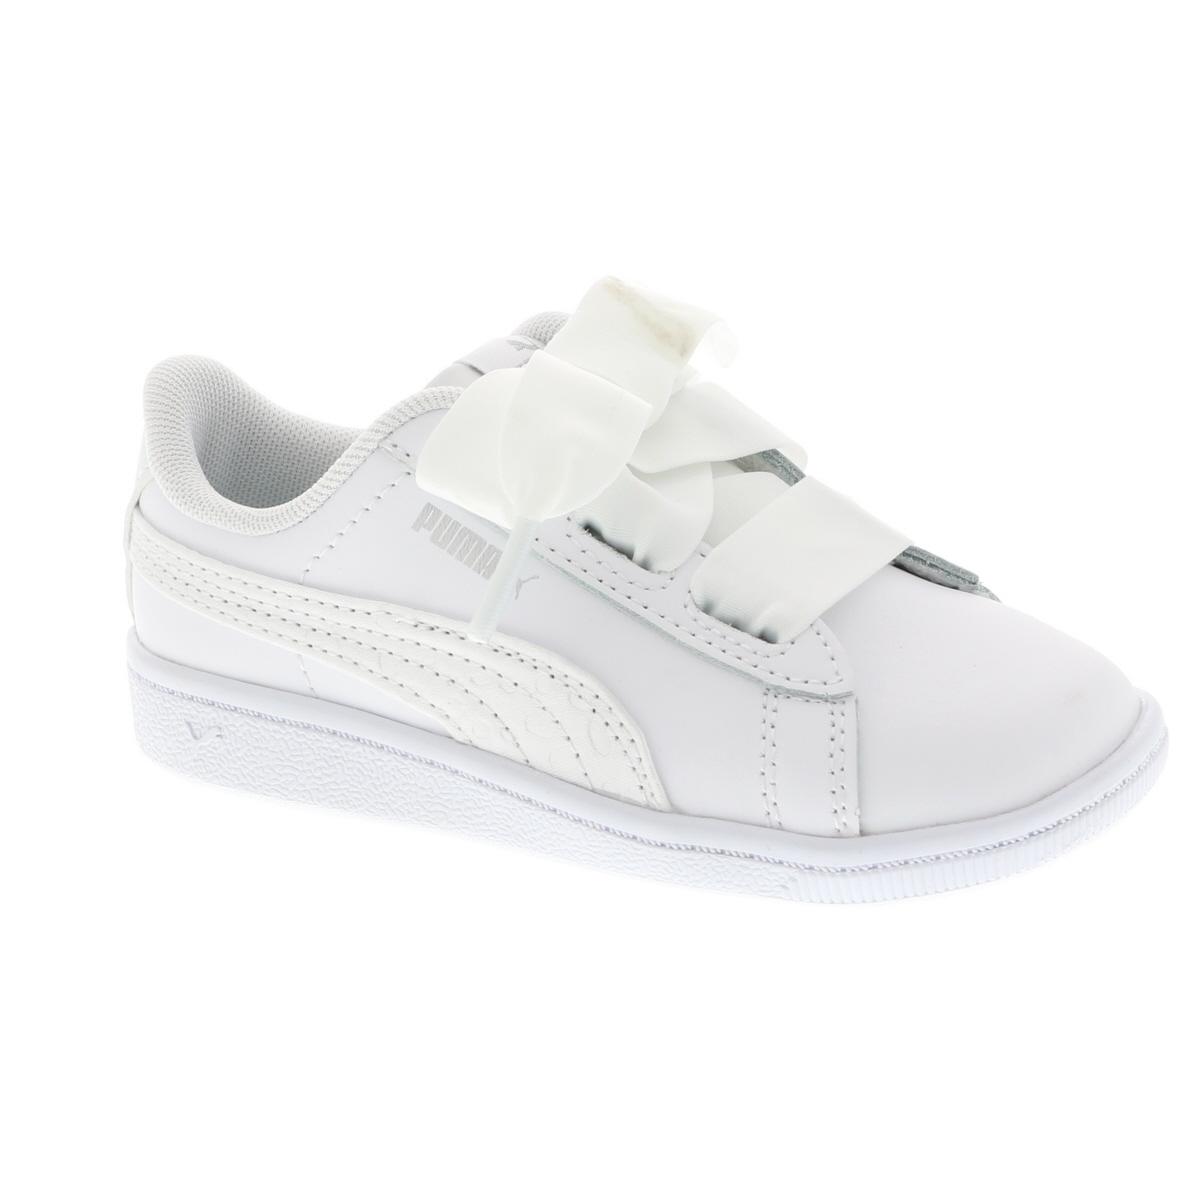 Puma Sneakers wit | kleertjes.com